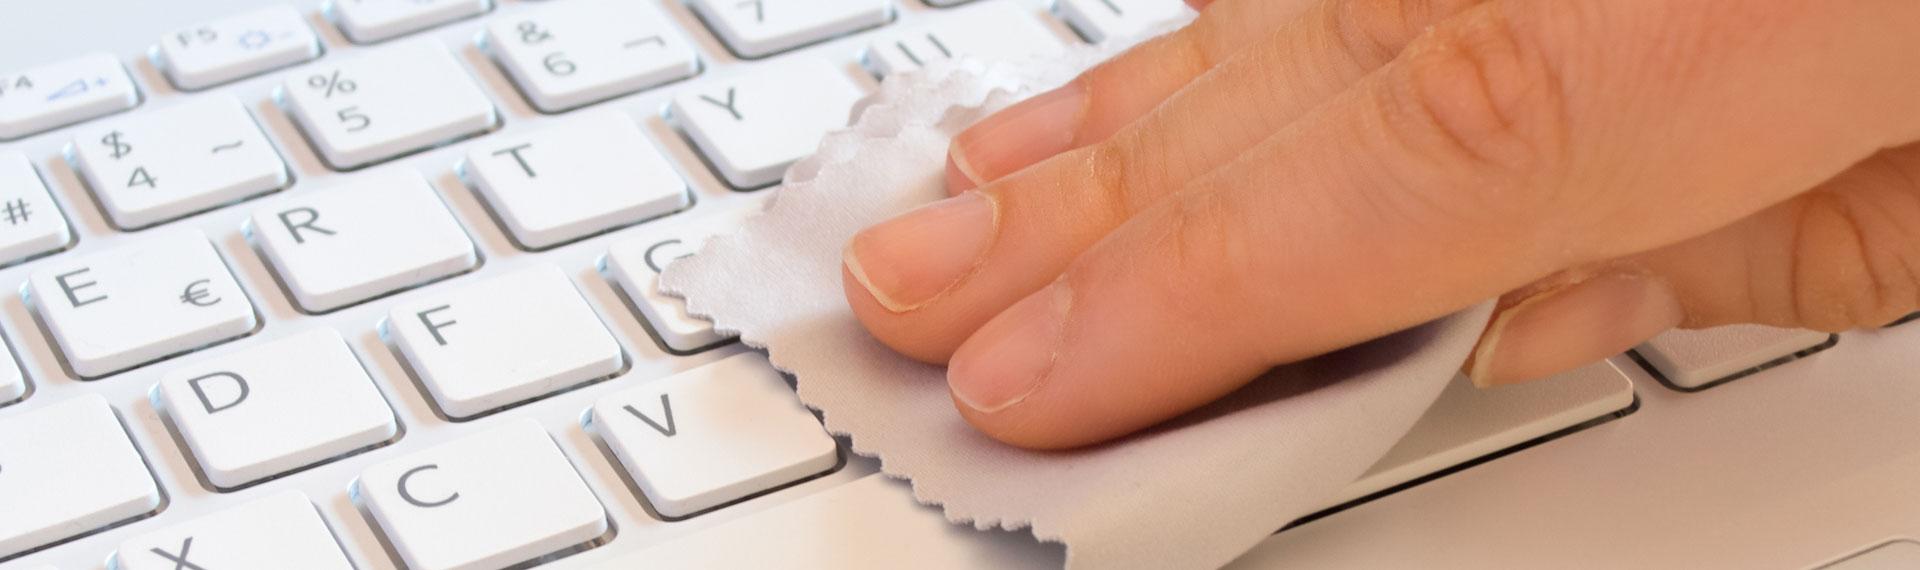 Bebas Kuman Membersihkan Keyboard Kurang dari 4 Menit